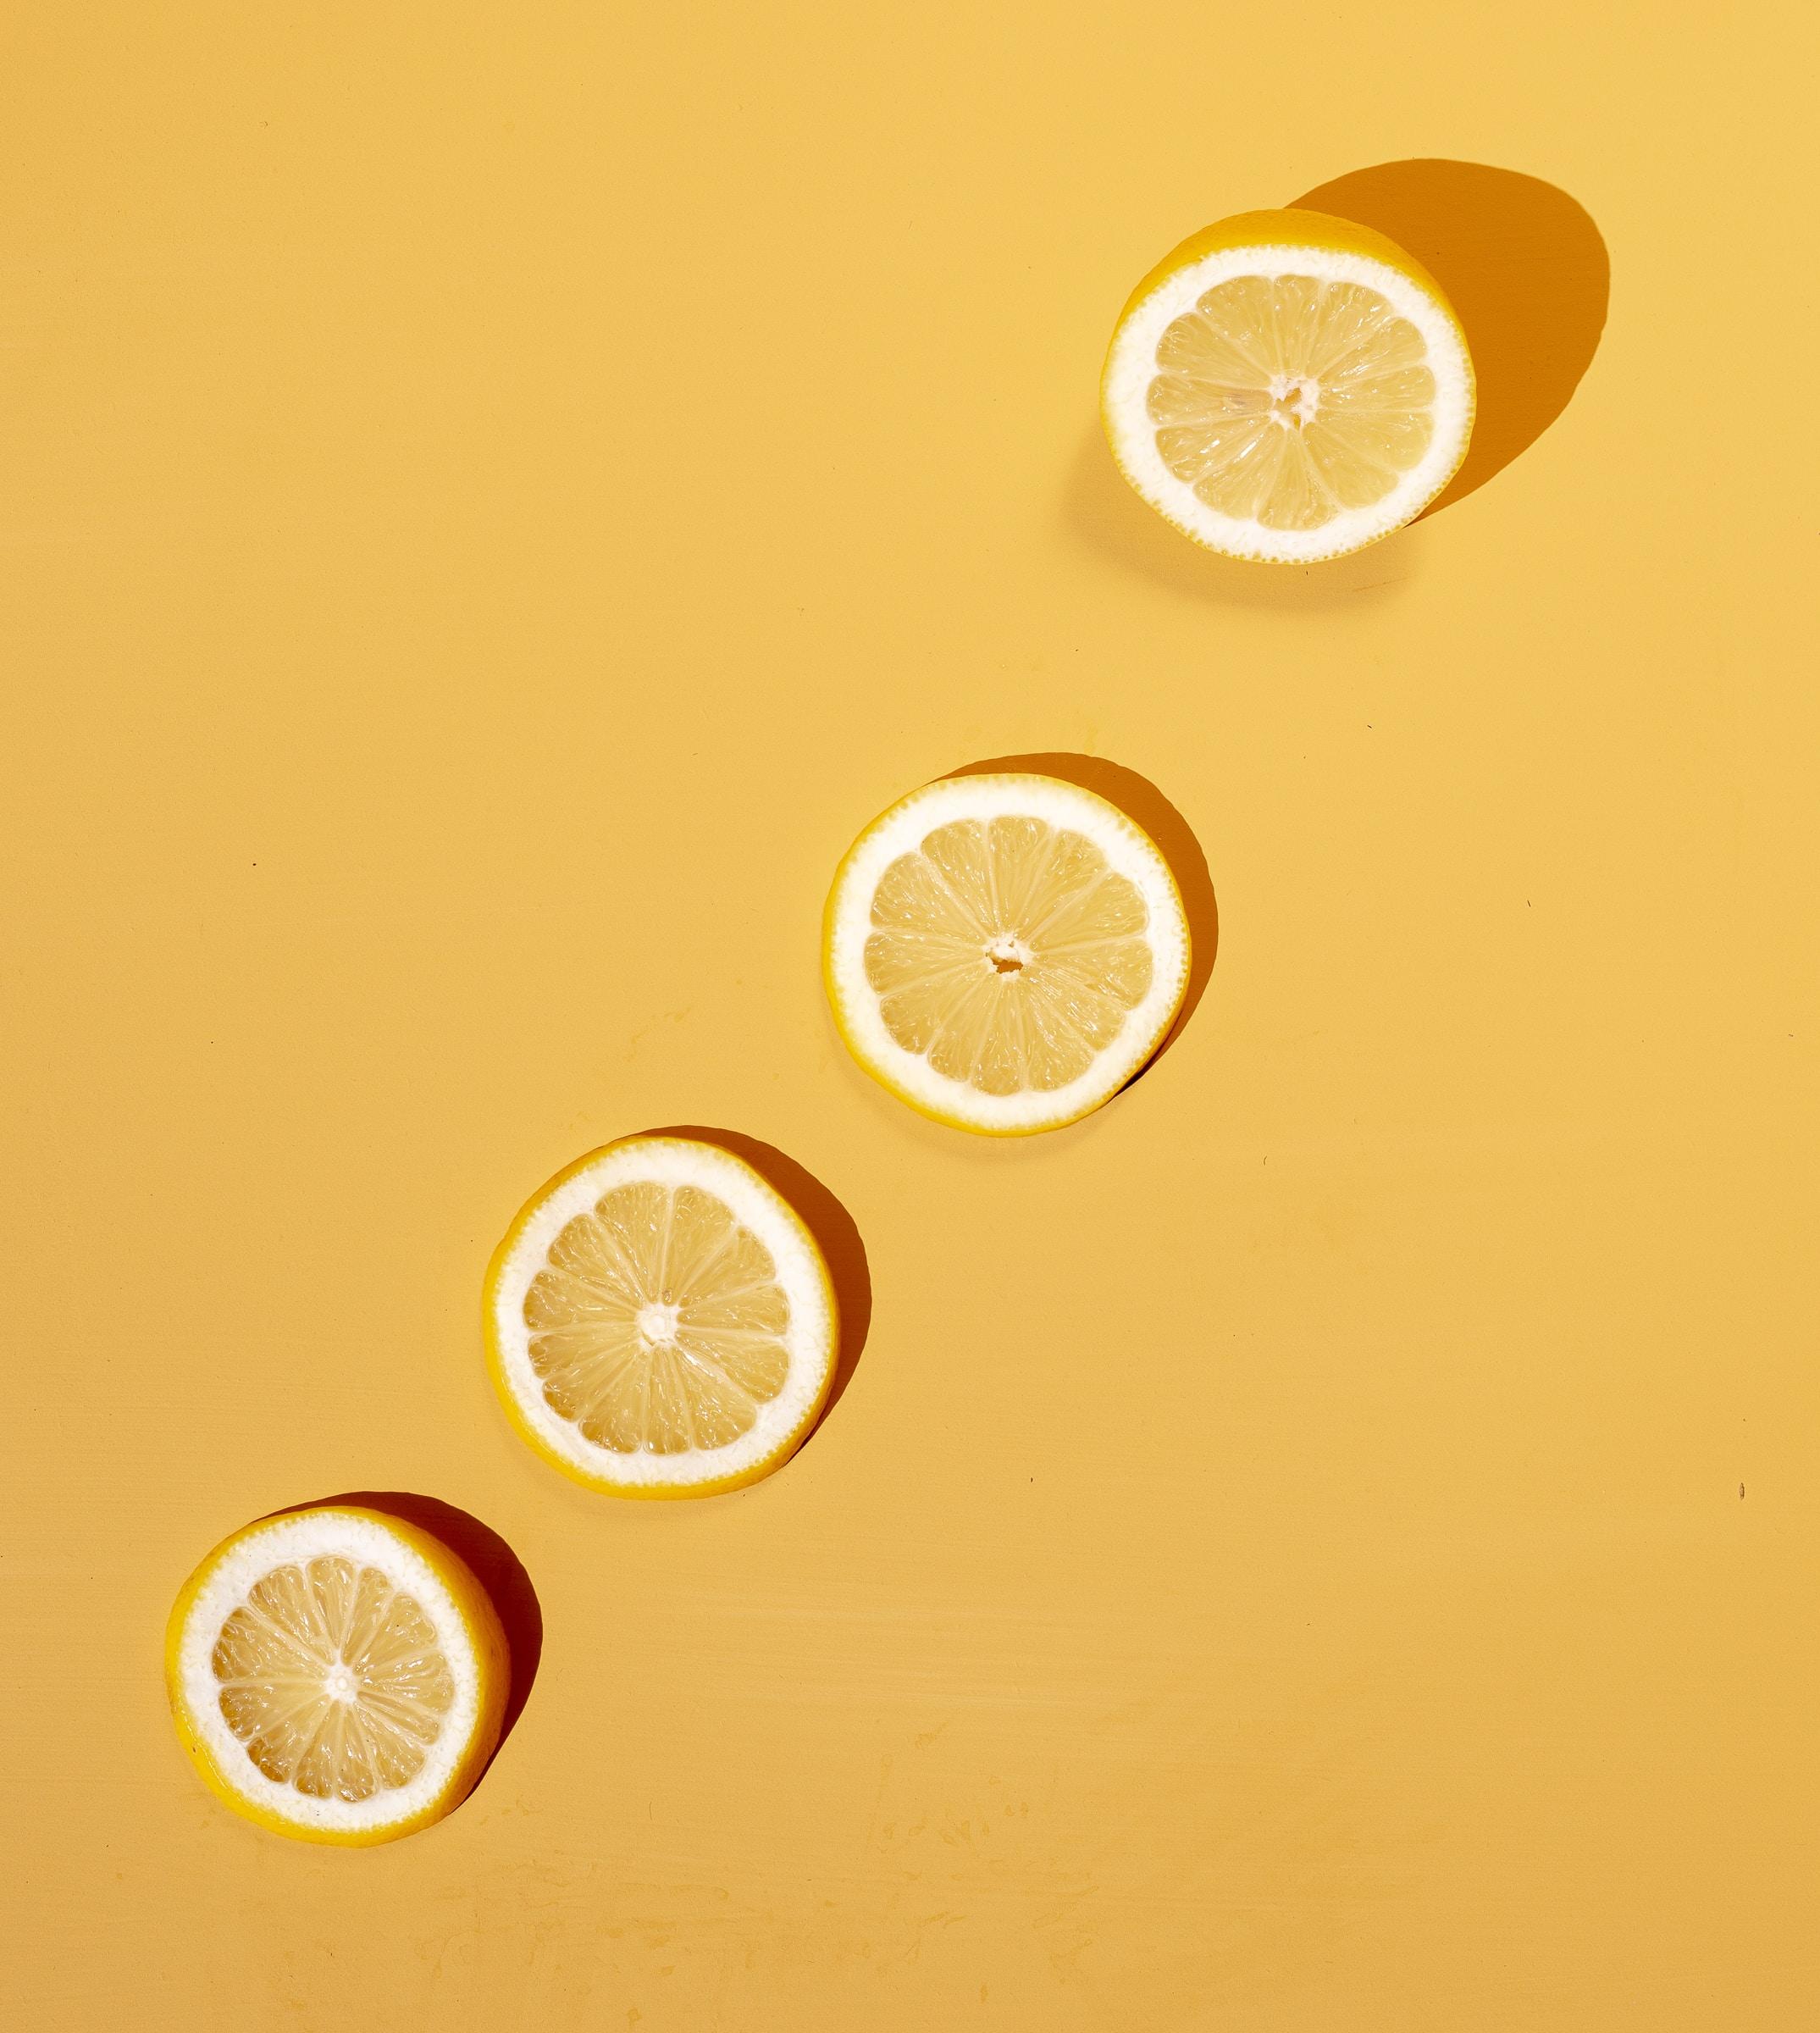 Rodelas de limão enfileiradas.